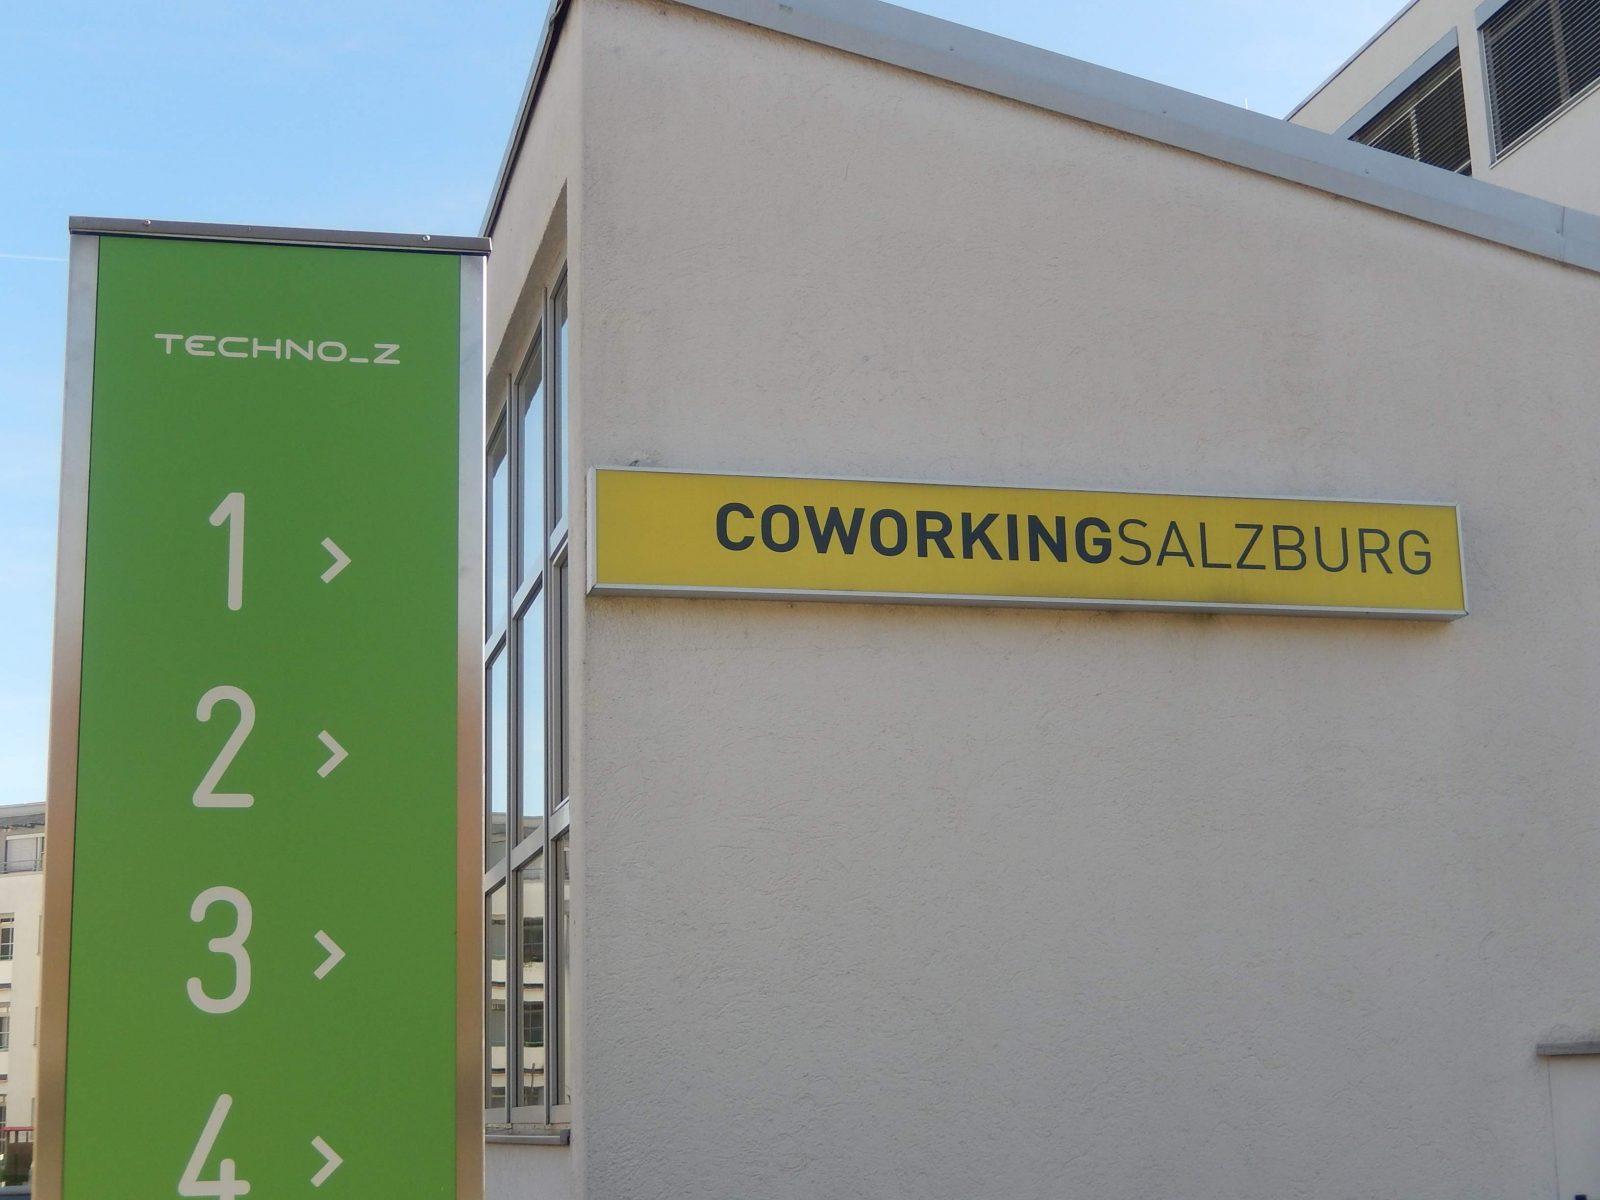 Coworking Salzburg